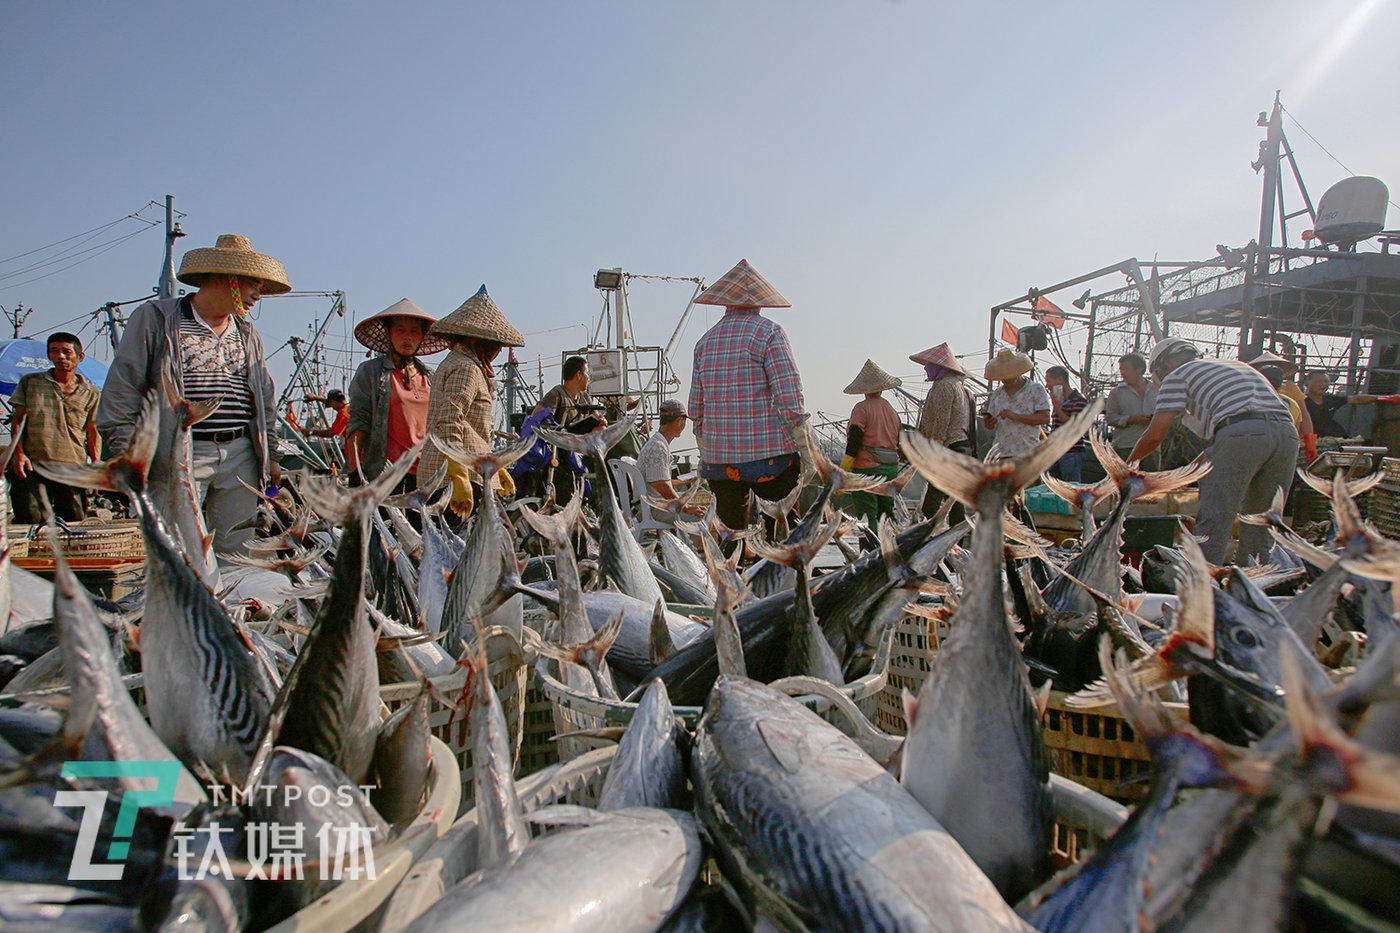 2019年9月16日,福建省漳州市东山港,渔船靠岸。